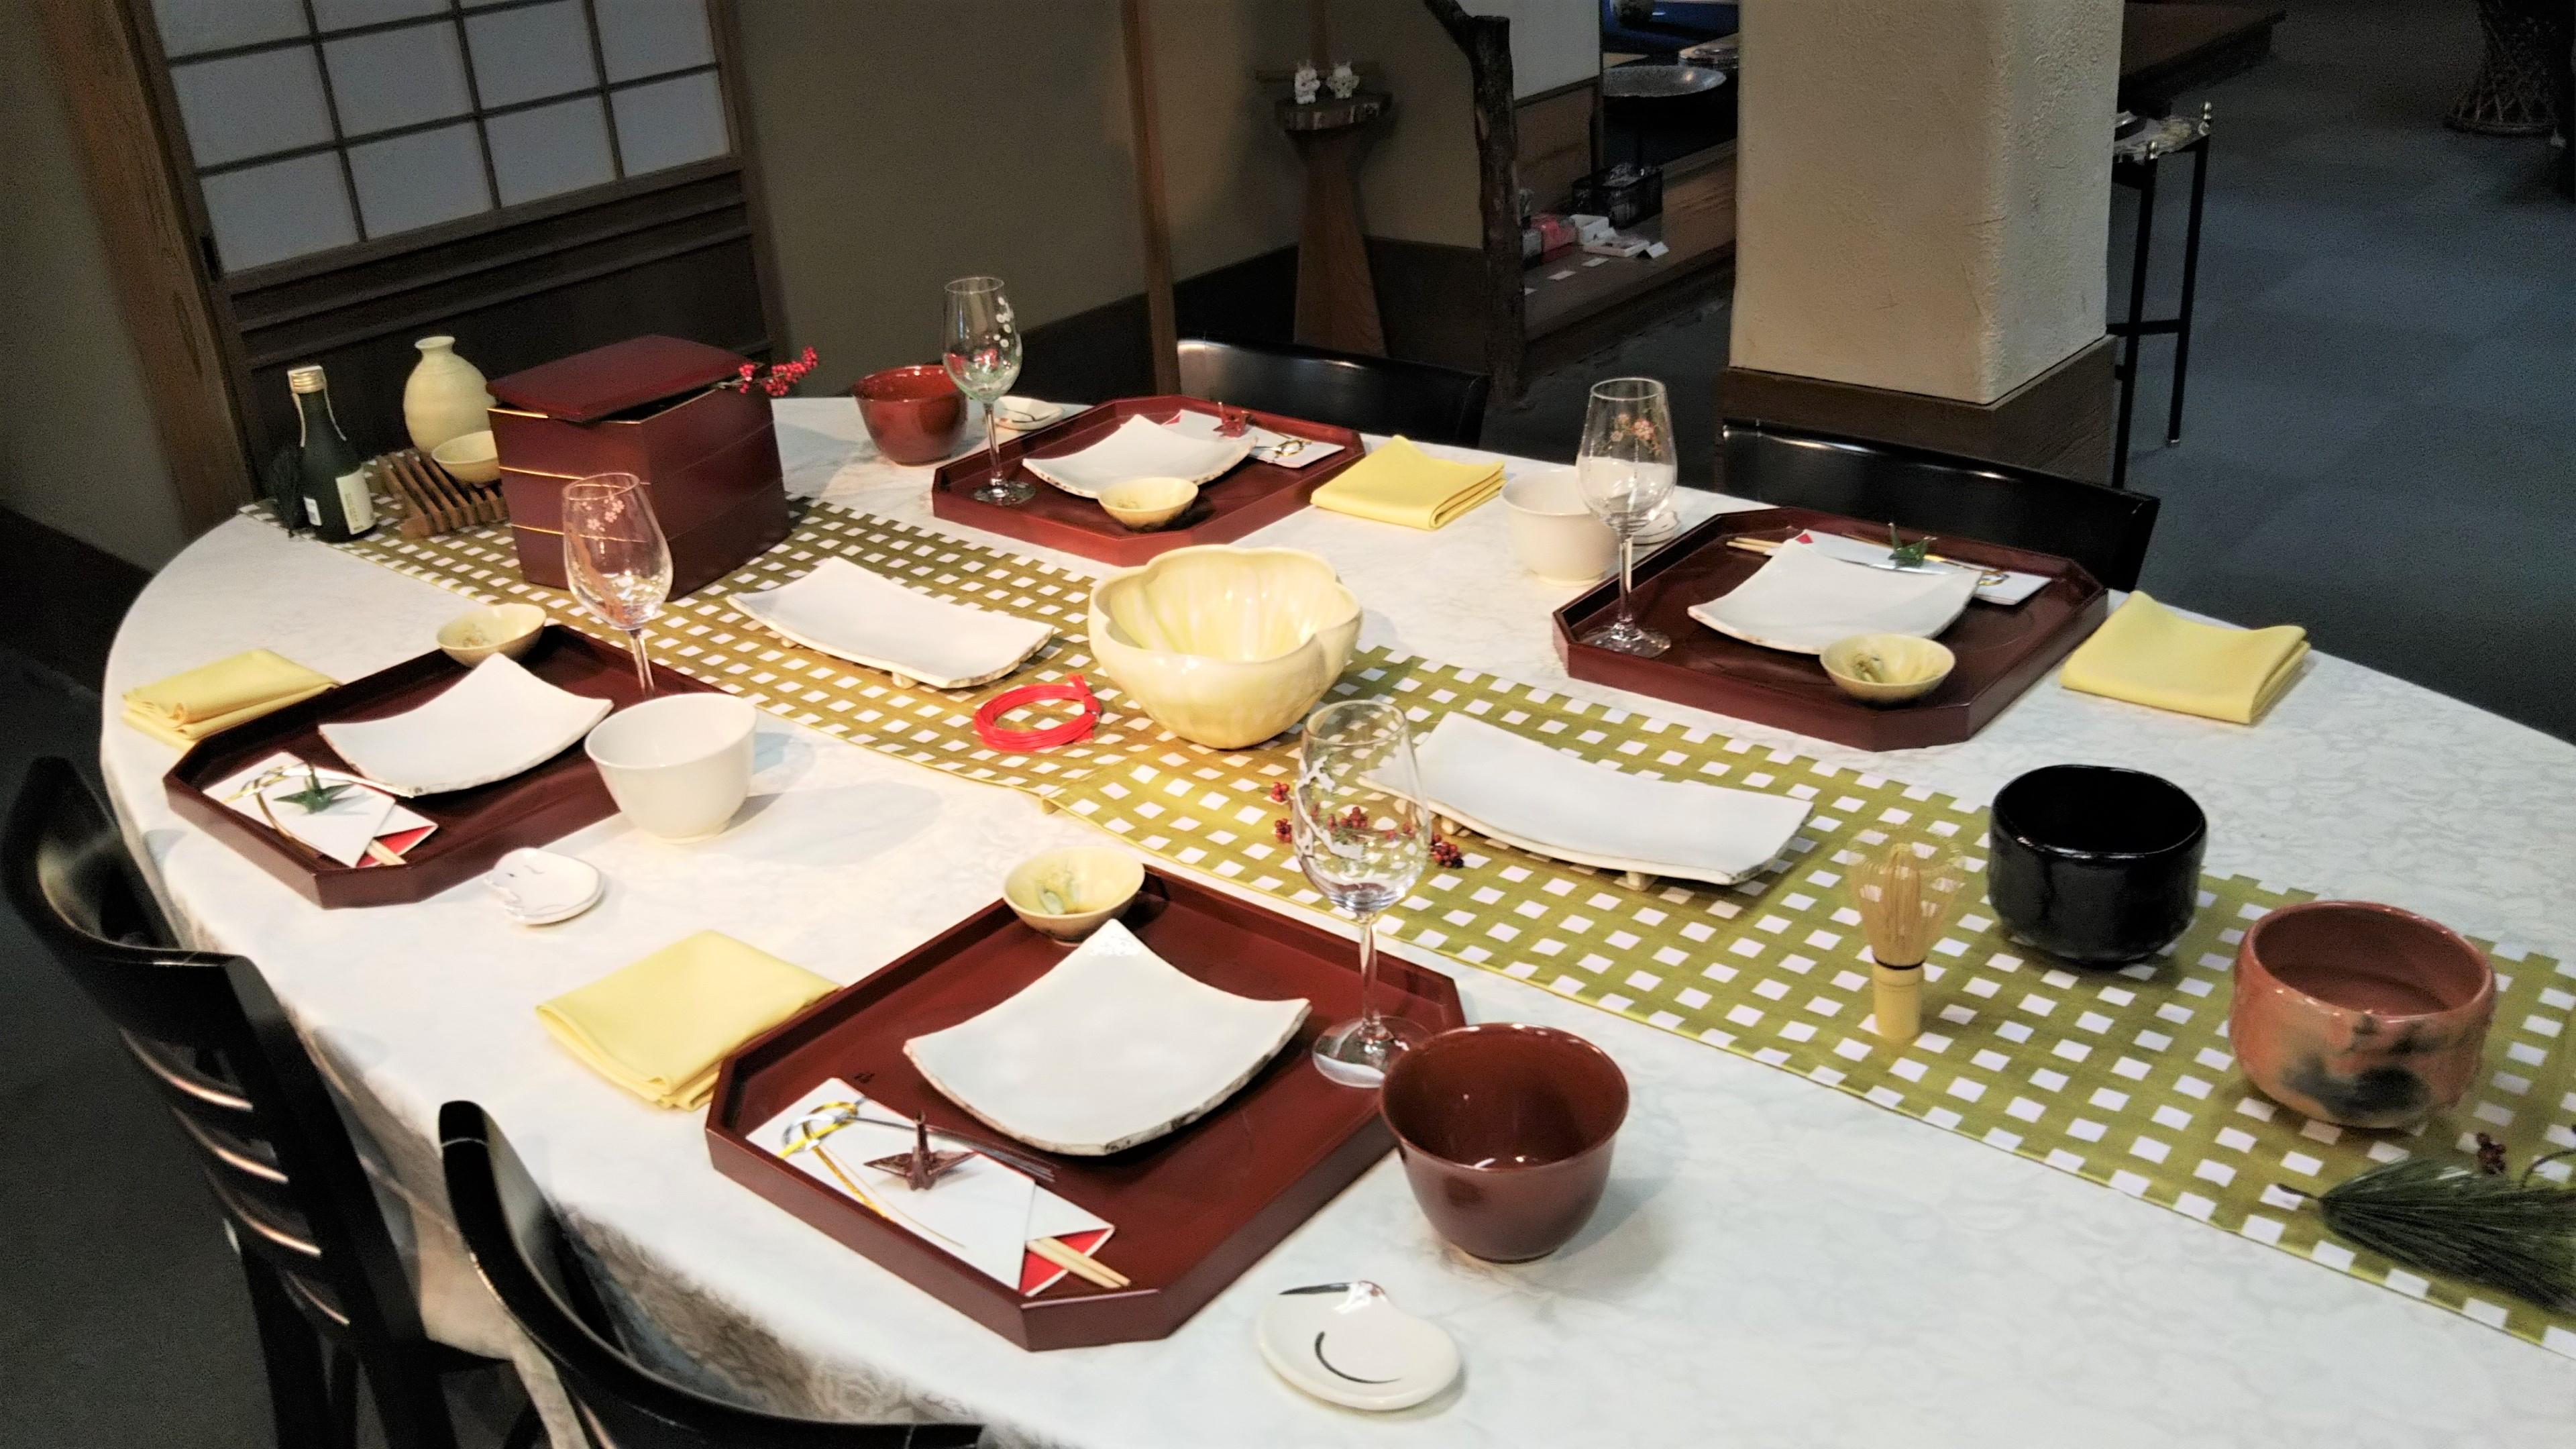 迎春テーブル2019 - コピー.JPG